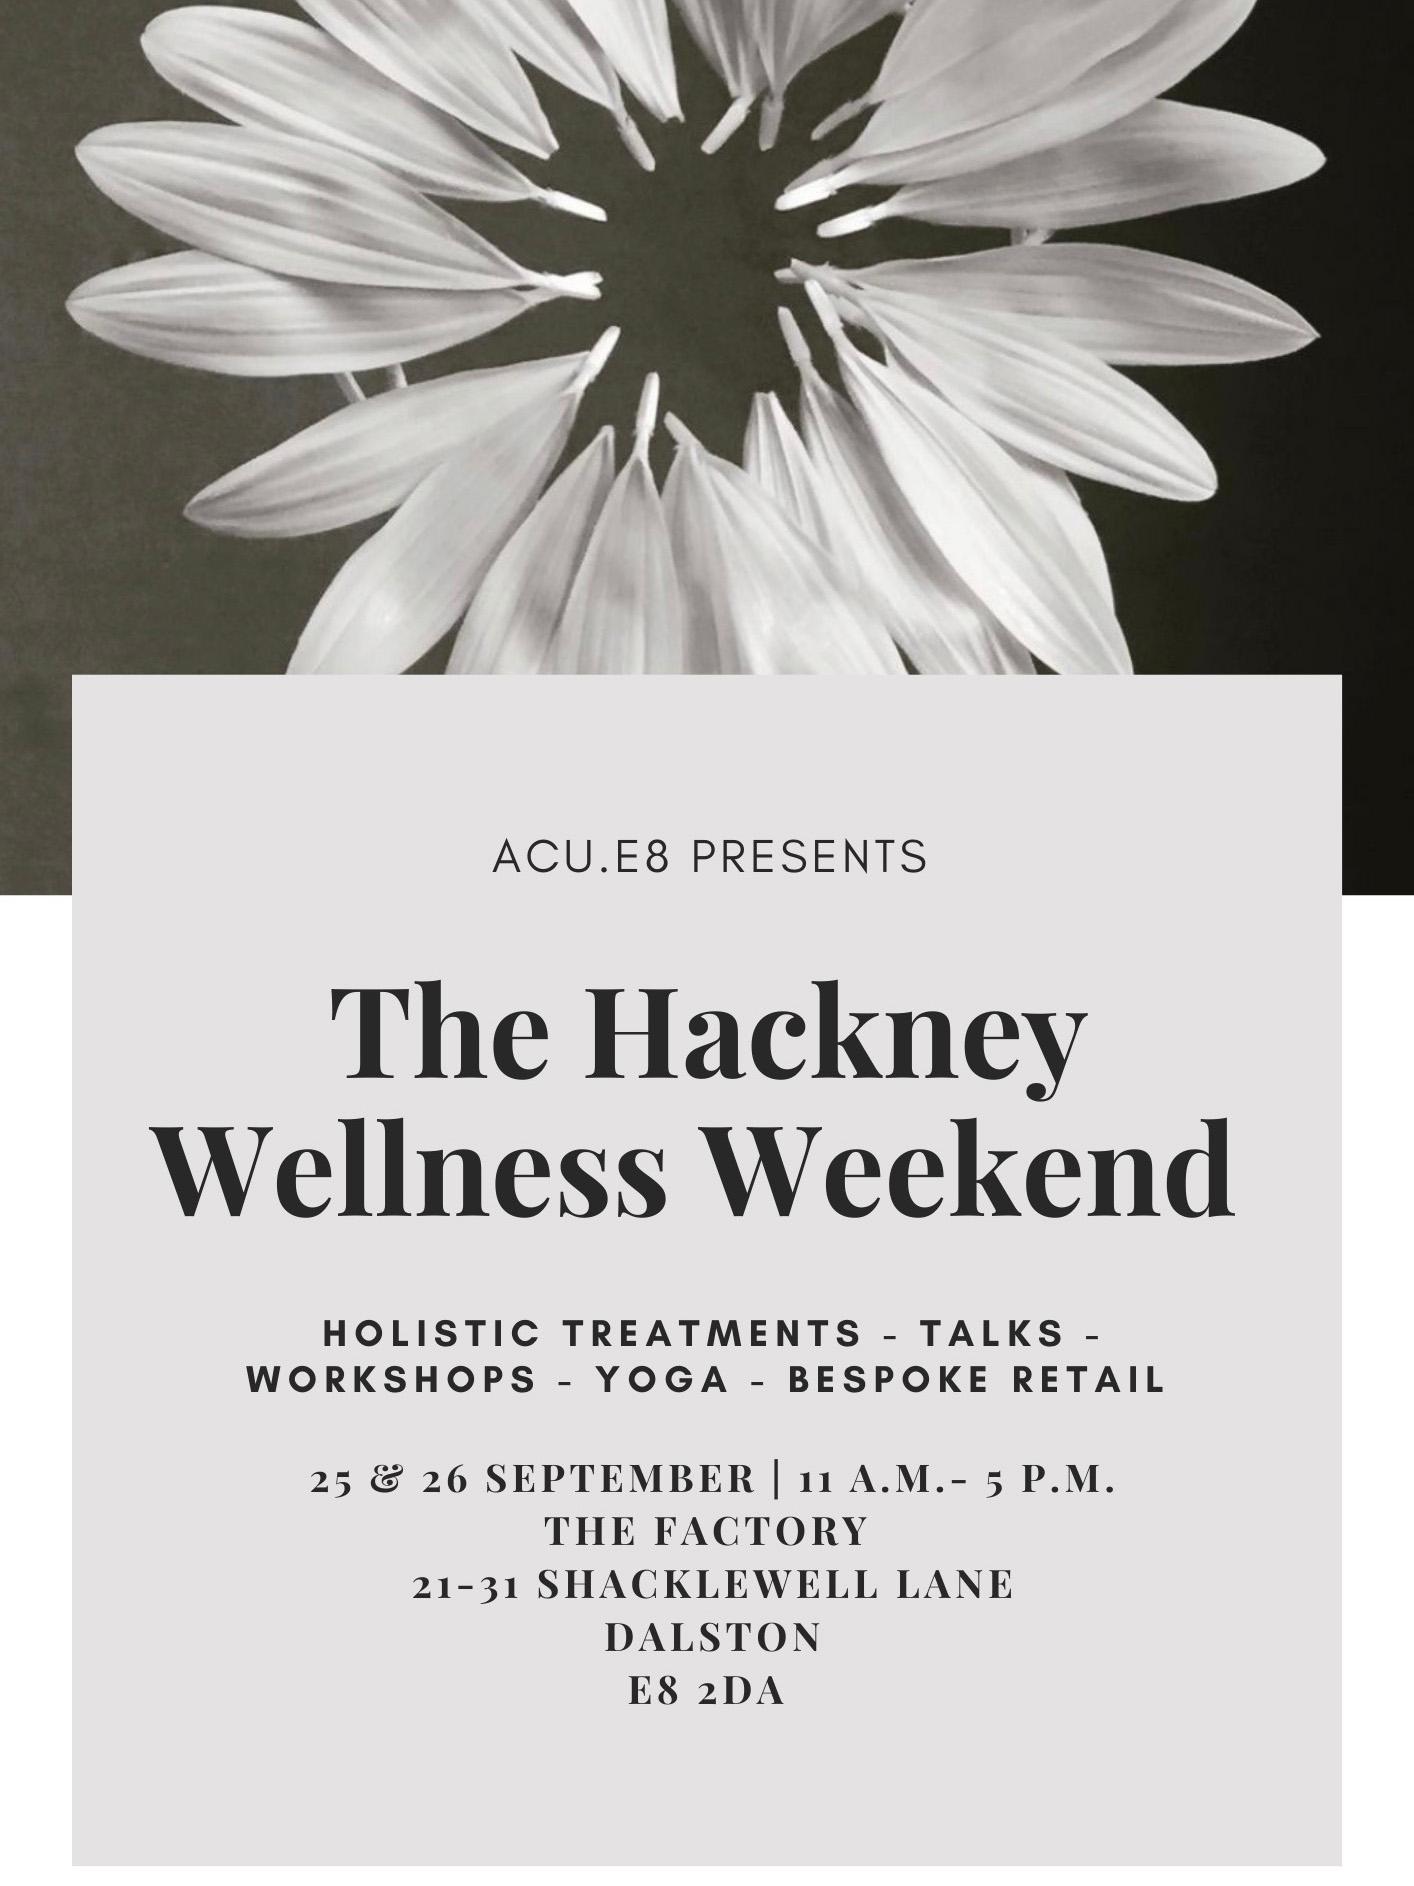 Hackney Wellness Weekend